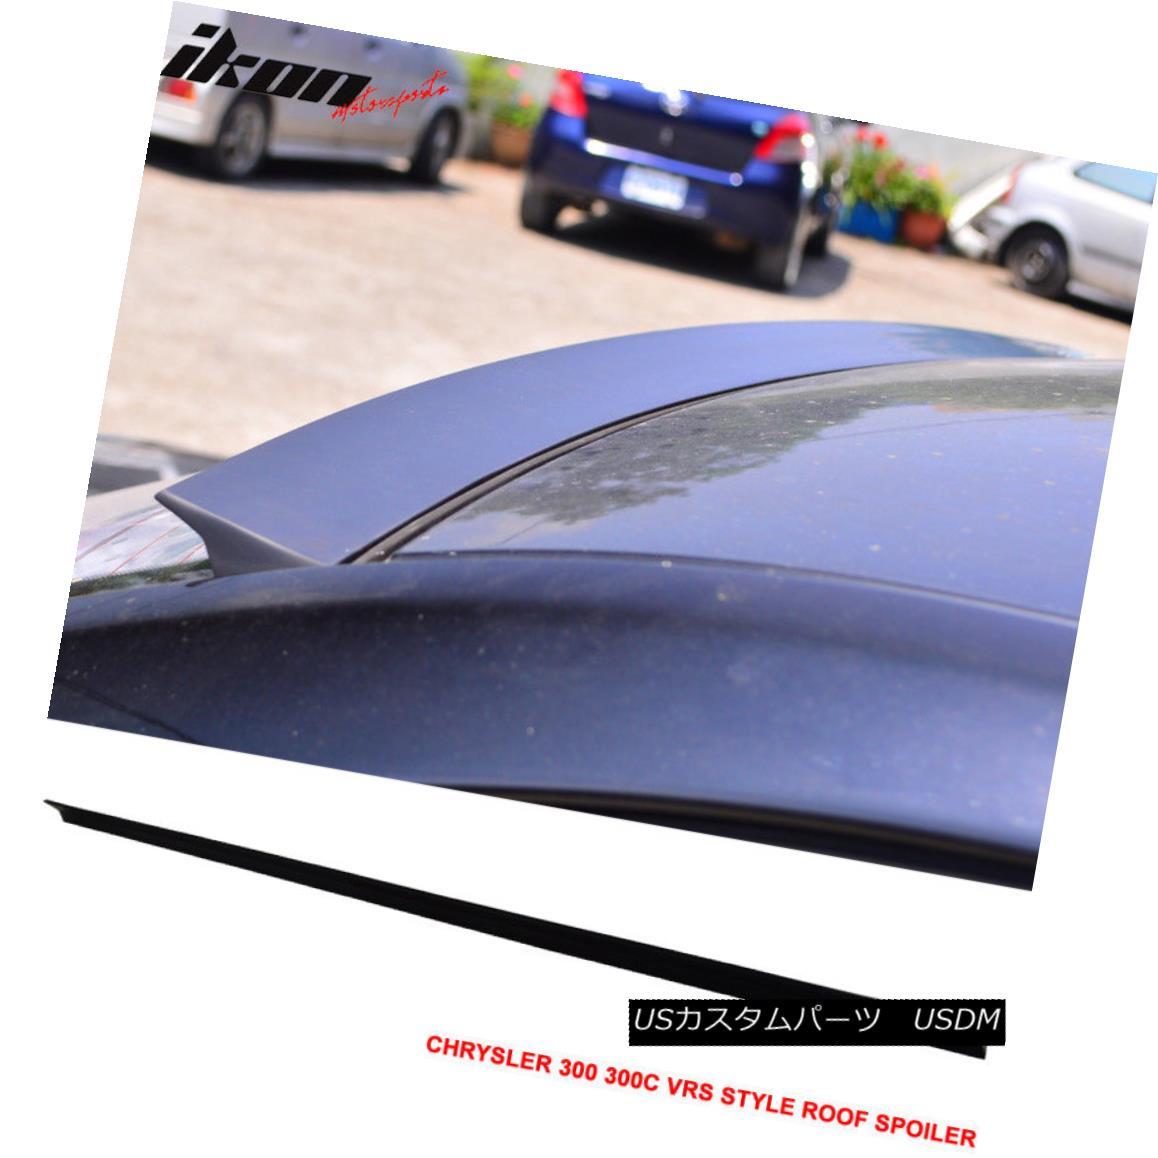 エアロパーツ 11-16 Chrysler 300 300C VRS Style Roof Spoiler Unpainted Black - PUF 11-16クライスラー300 300C VRSスタイルルーフスポイラー無塗装黒 - PUF